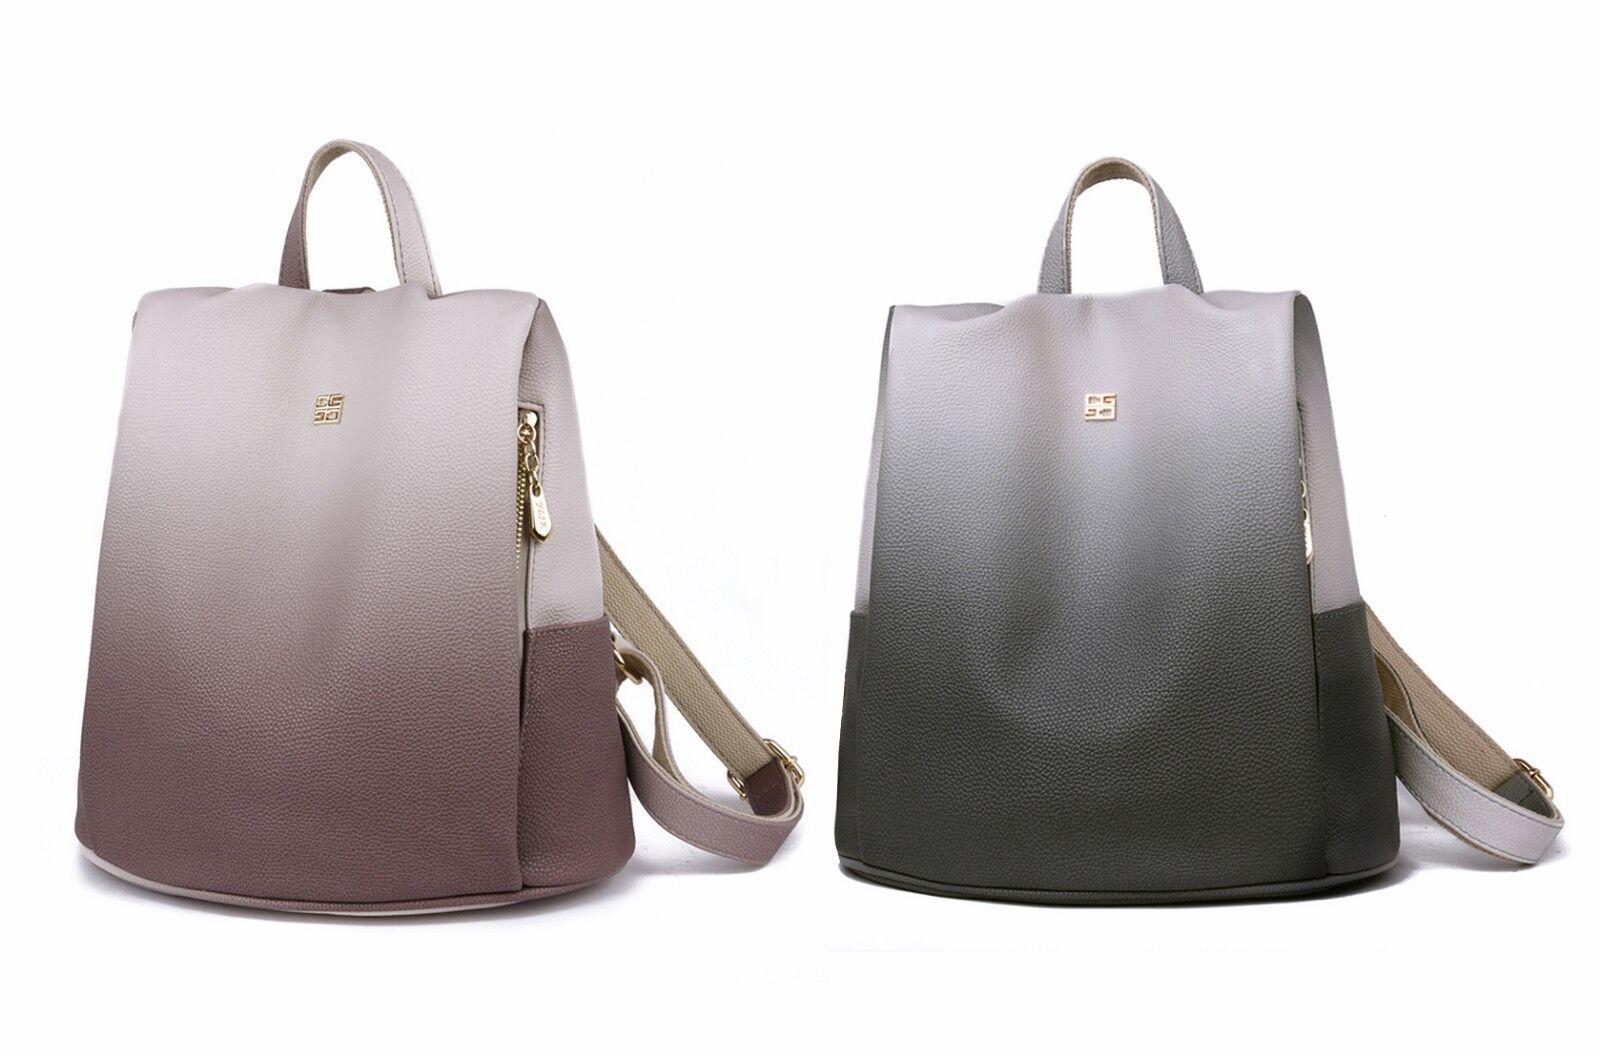 Damen Rucksack Tasche Anti Diebstahl PU Handtasche Farbverlauf Citybag Freizeit